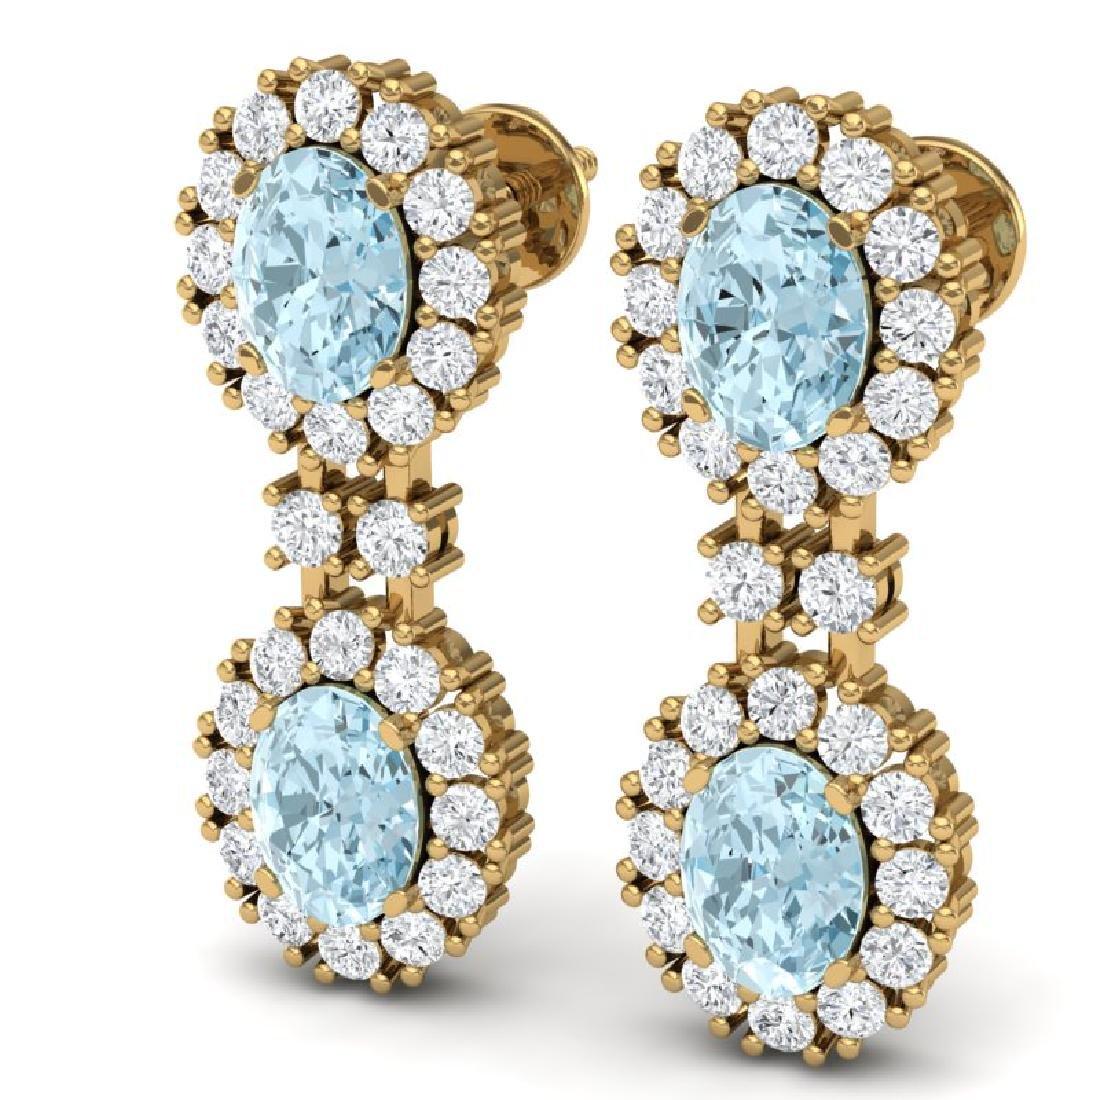 8.8 CTW Royalty Sky Topaz & VS Diamond Earrings 18K - 2